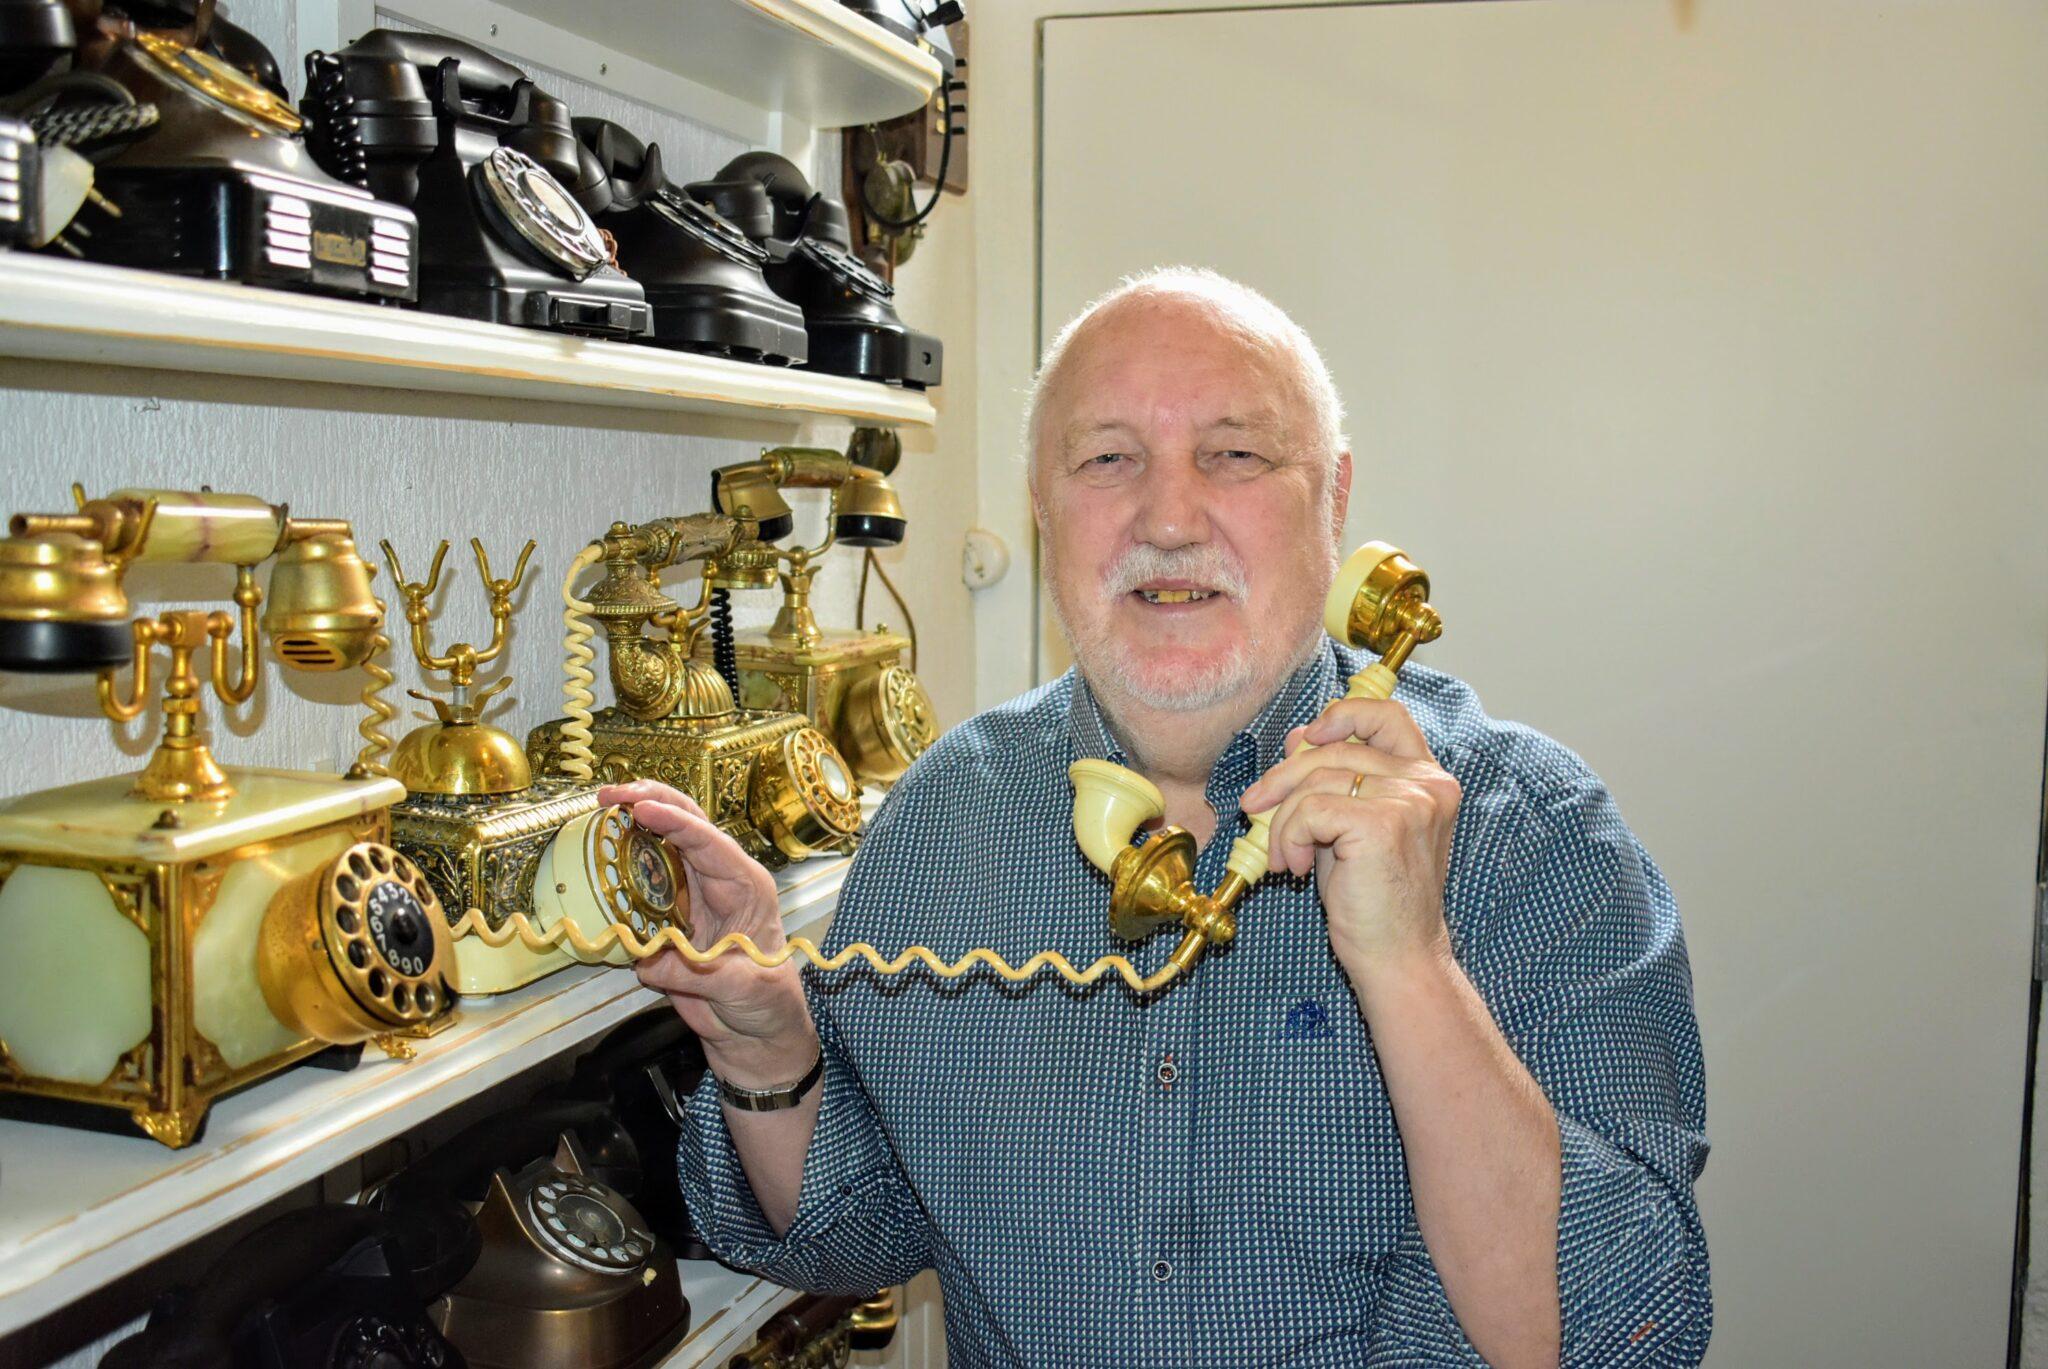 oude telefoons verzameling harderwijk bijzonder sparen beert smit